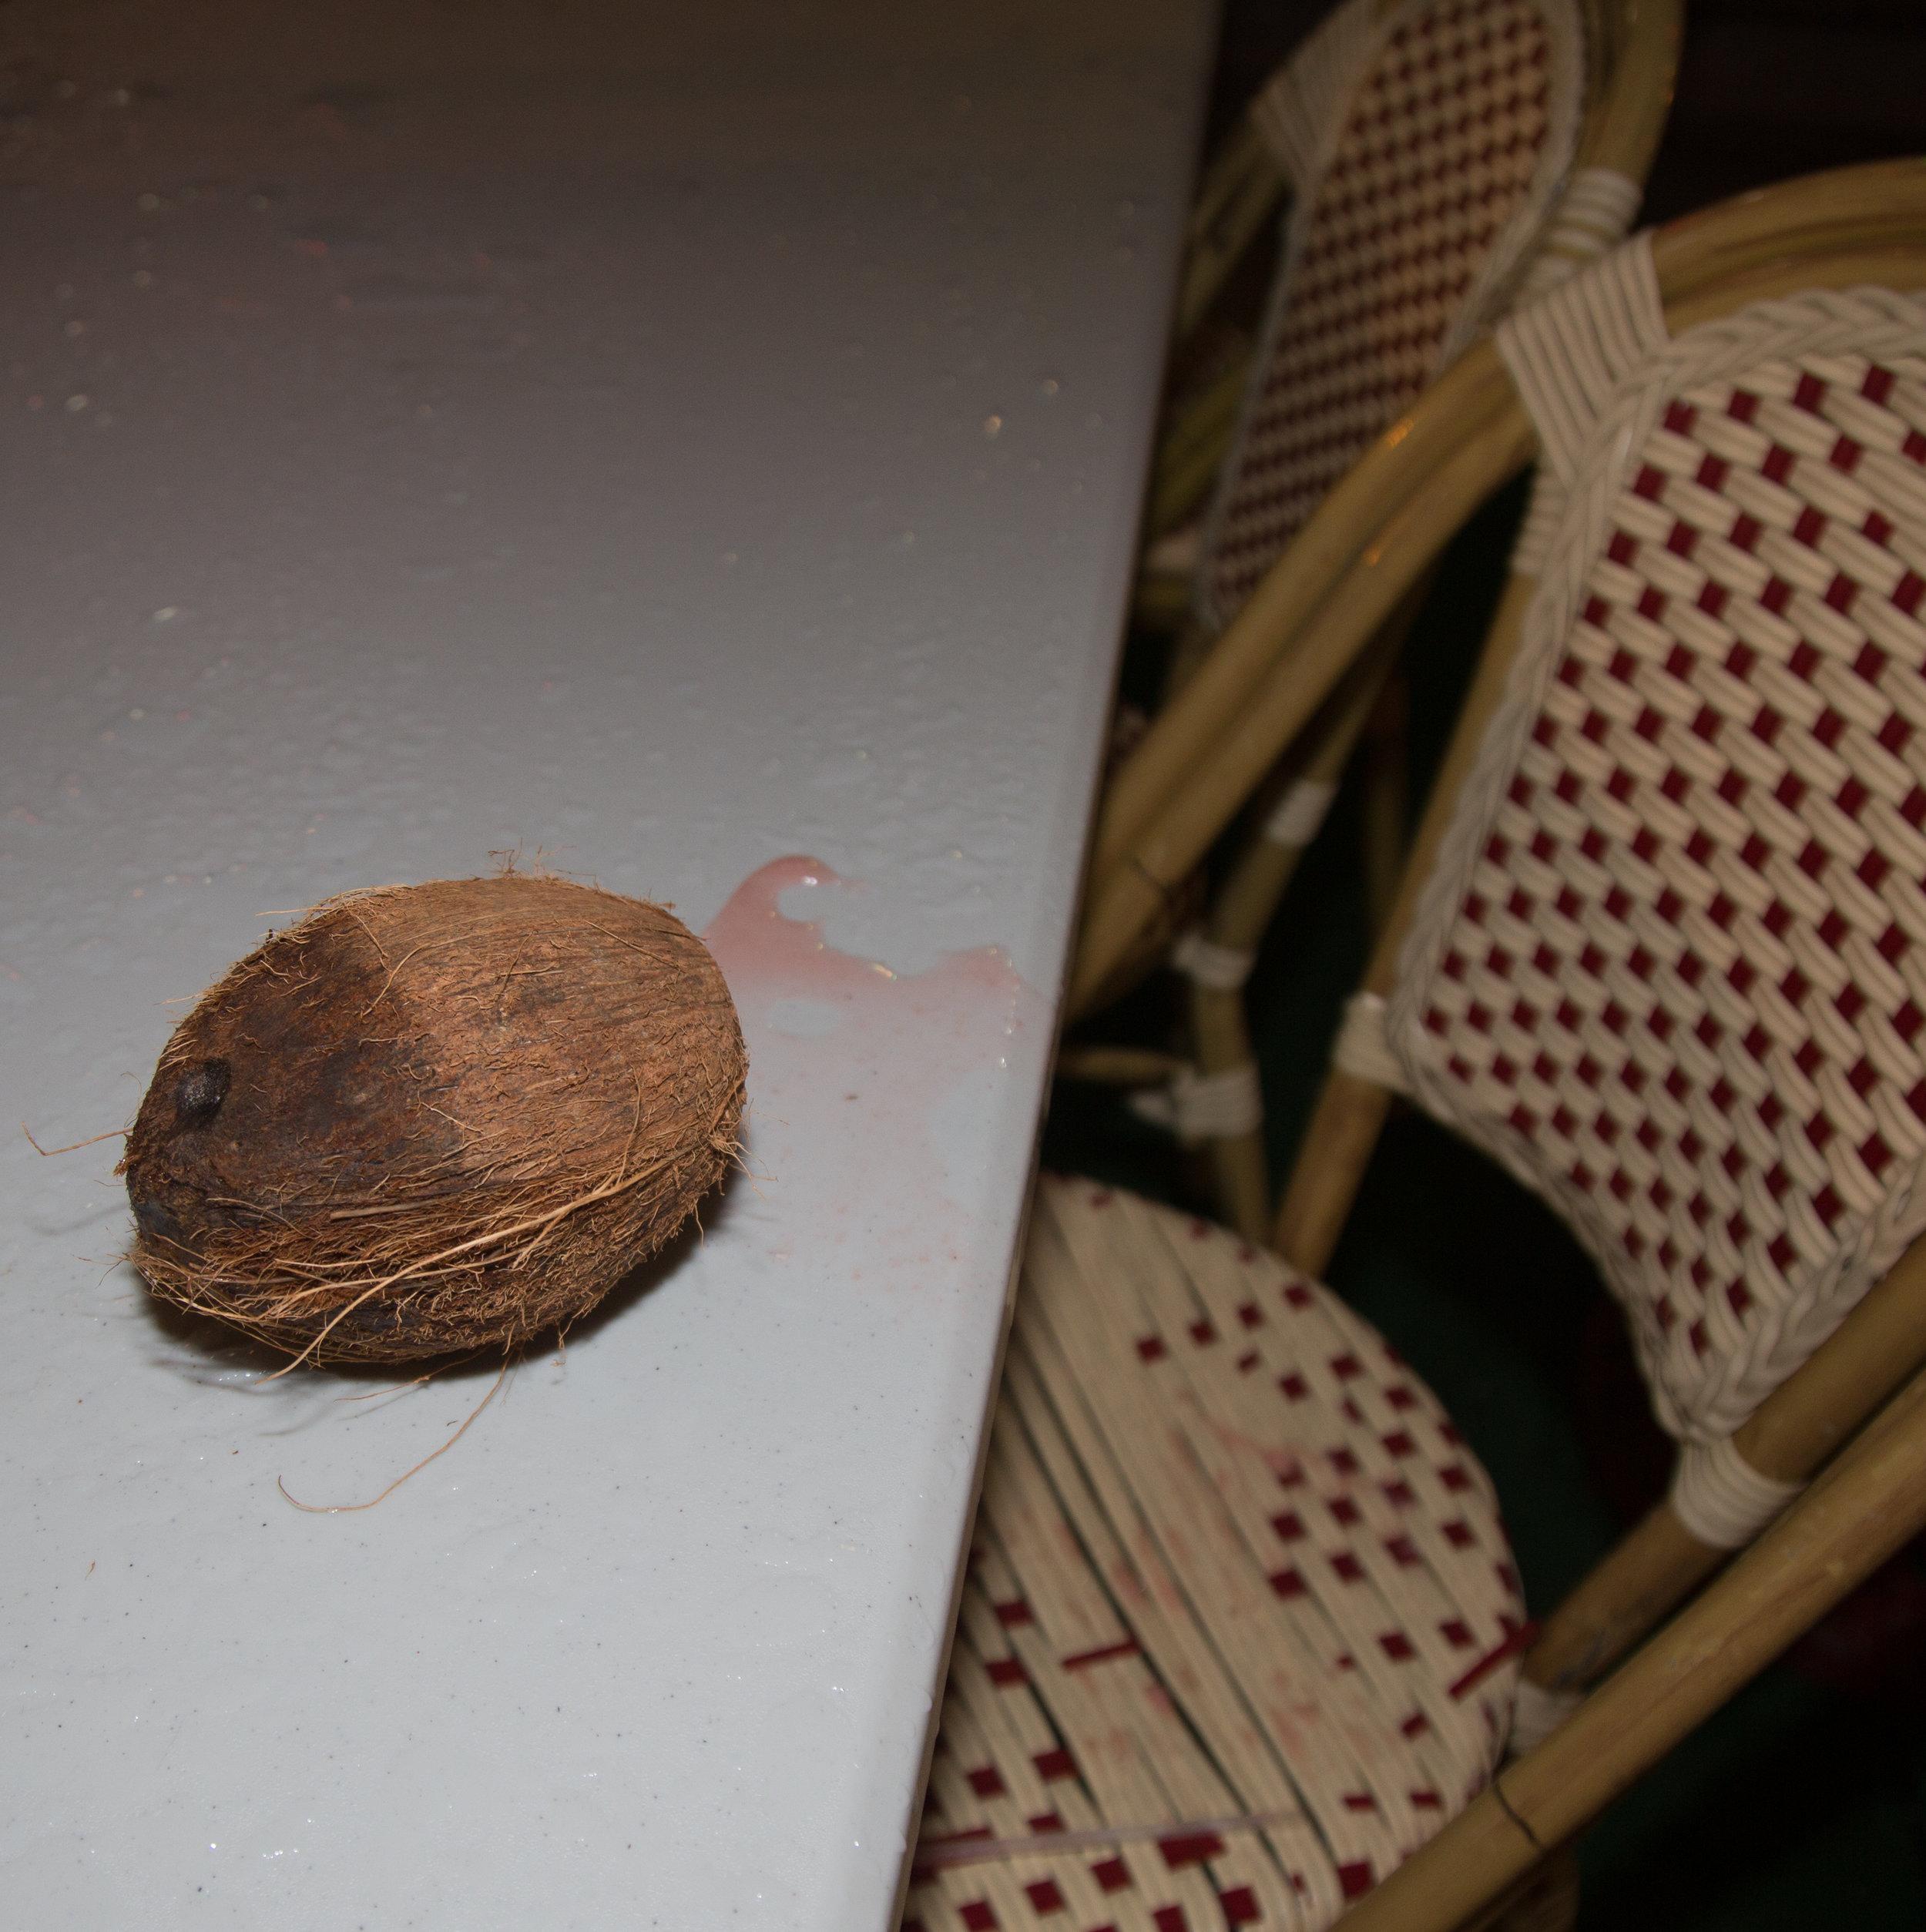 Bleeding Coconut